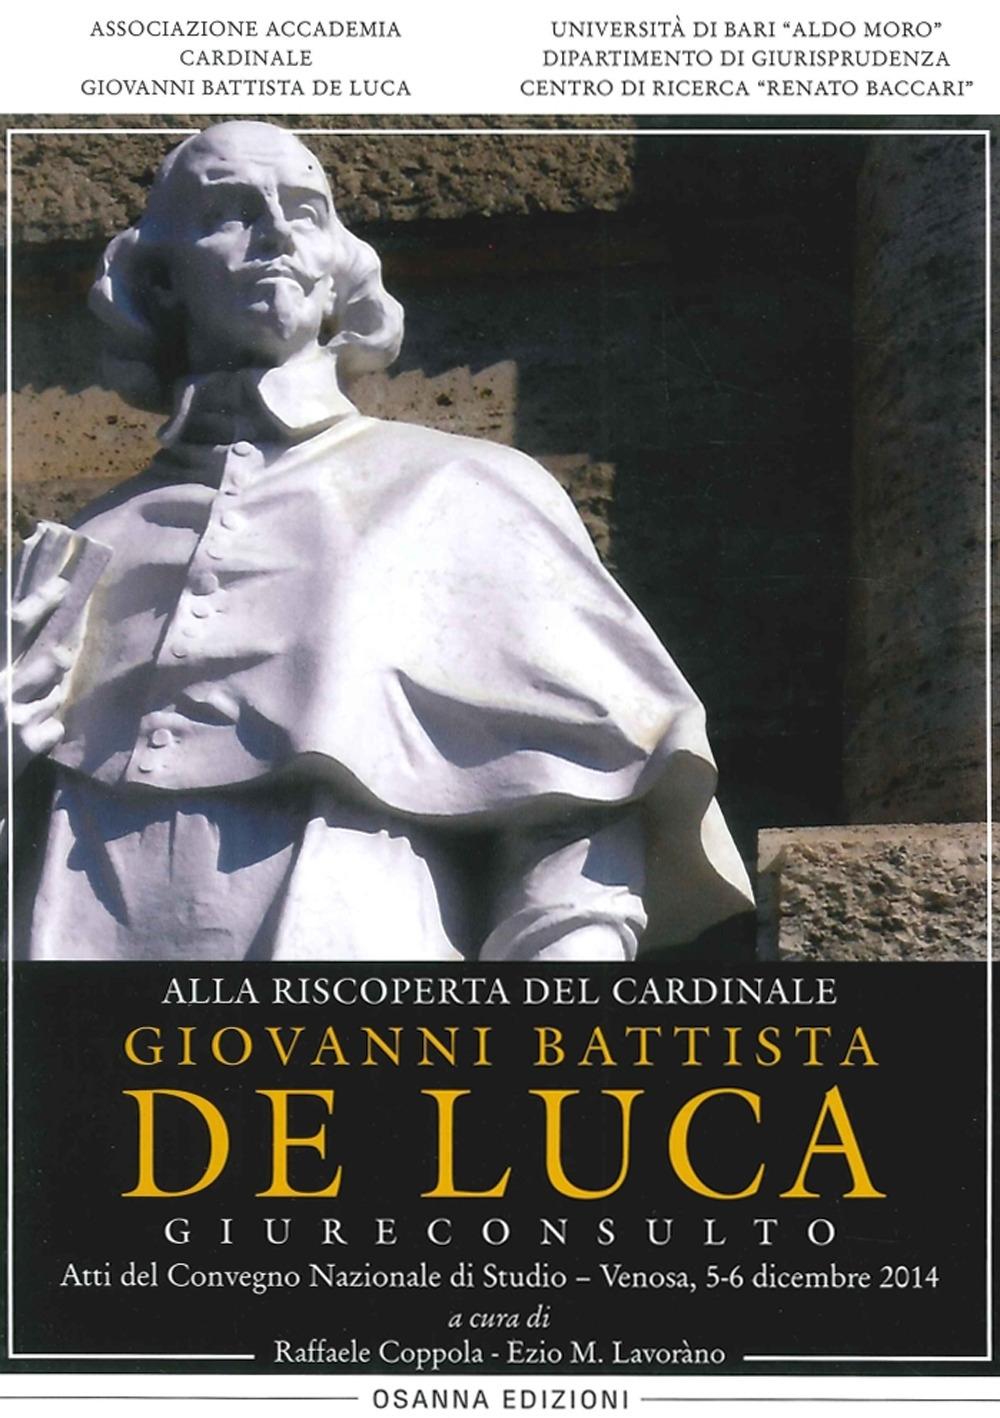 Alla Riscoperta del Cardinale Giovanni Batista De Luca, Giureconsulto.